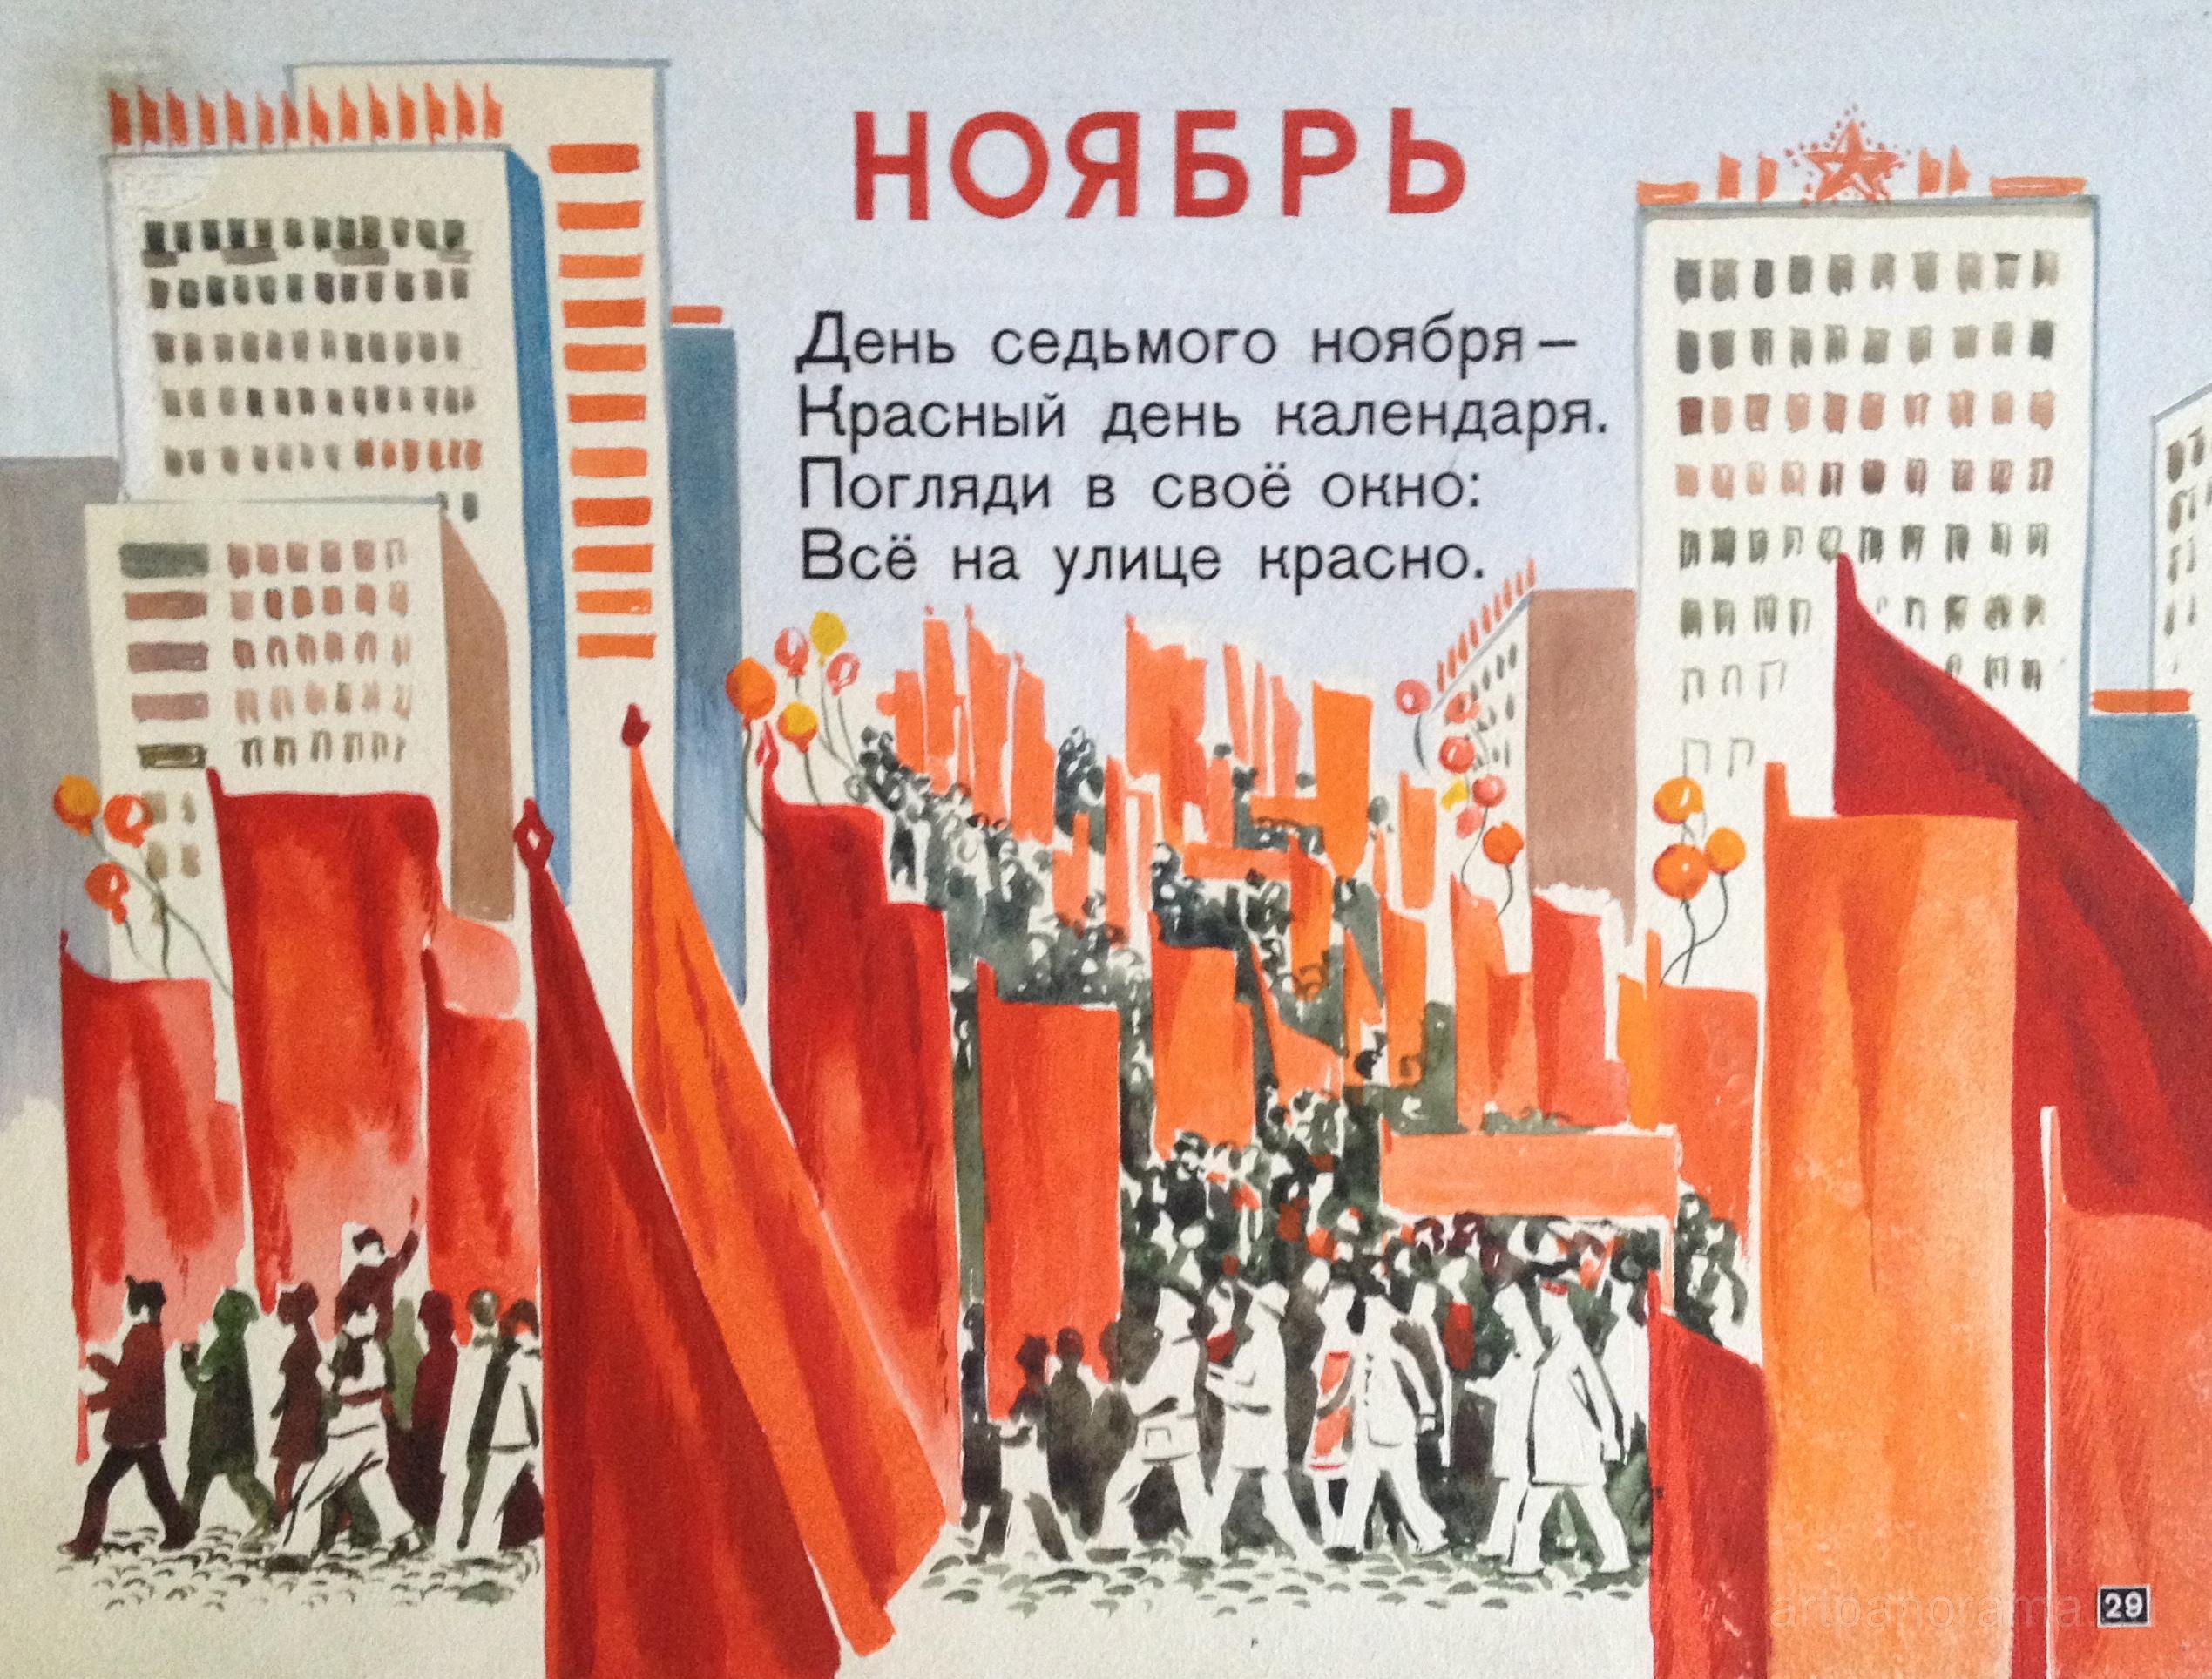 Прикольные картинки про октябрьскую революцию